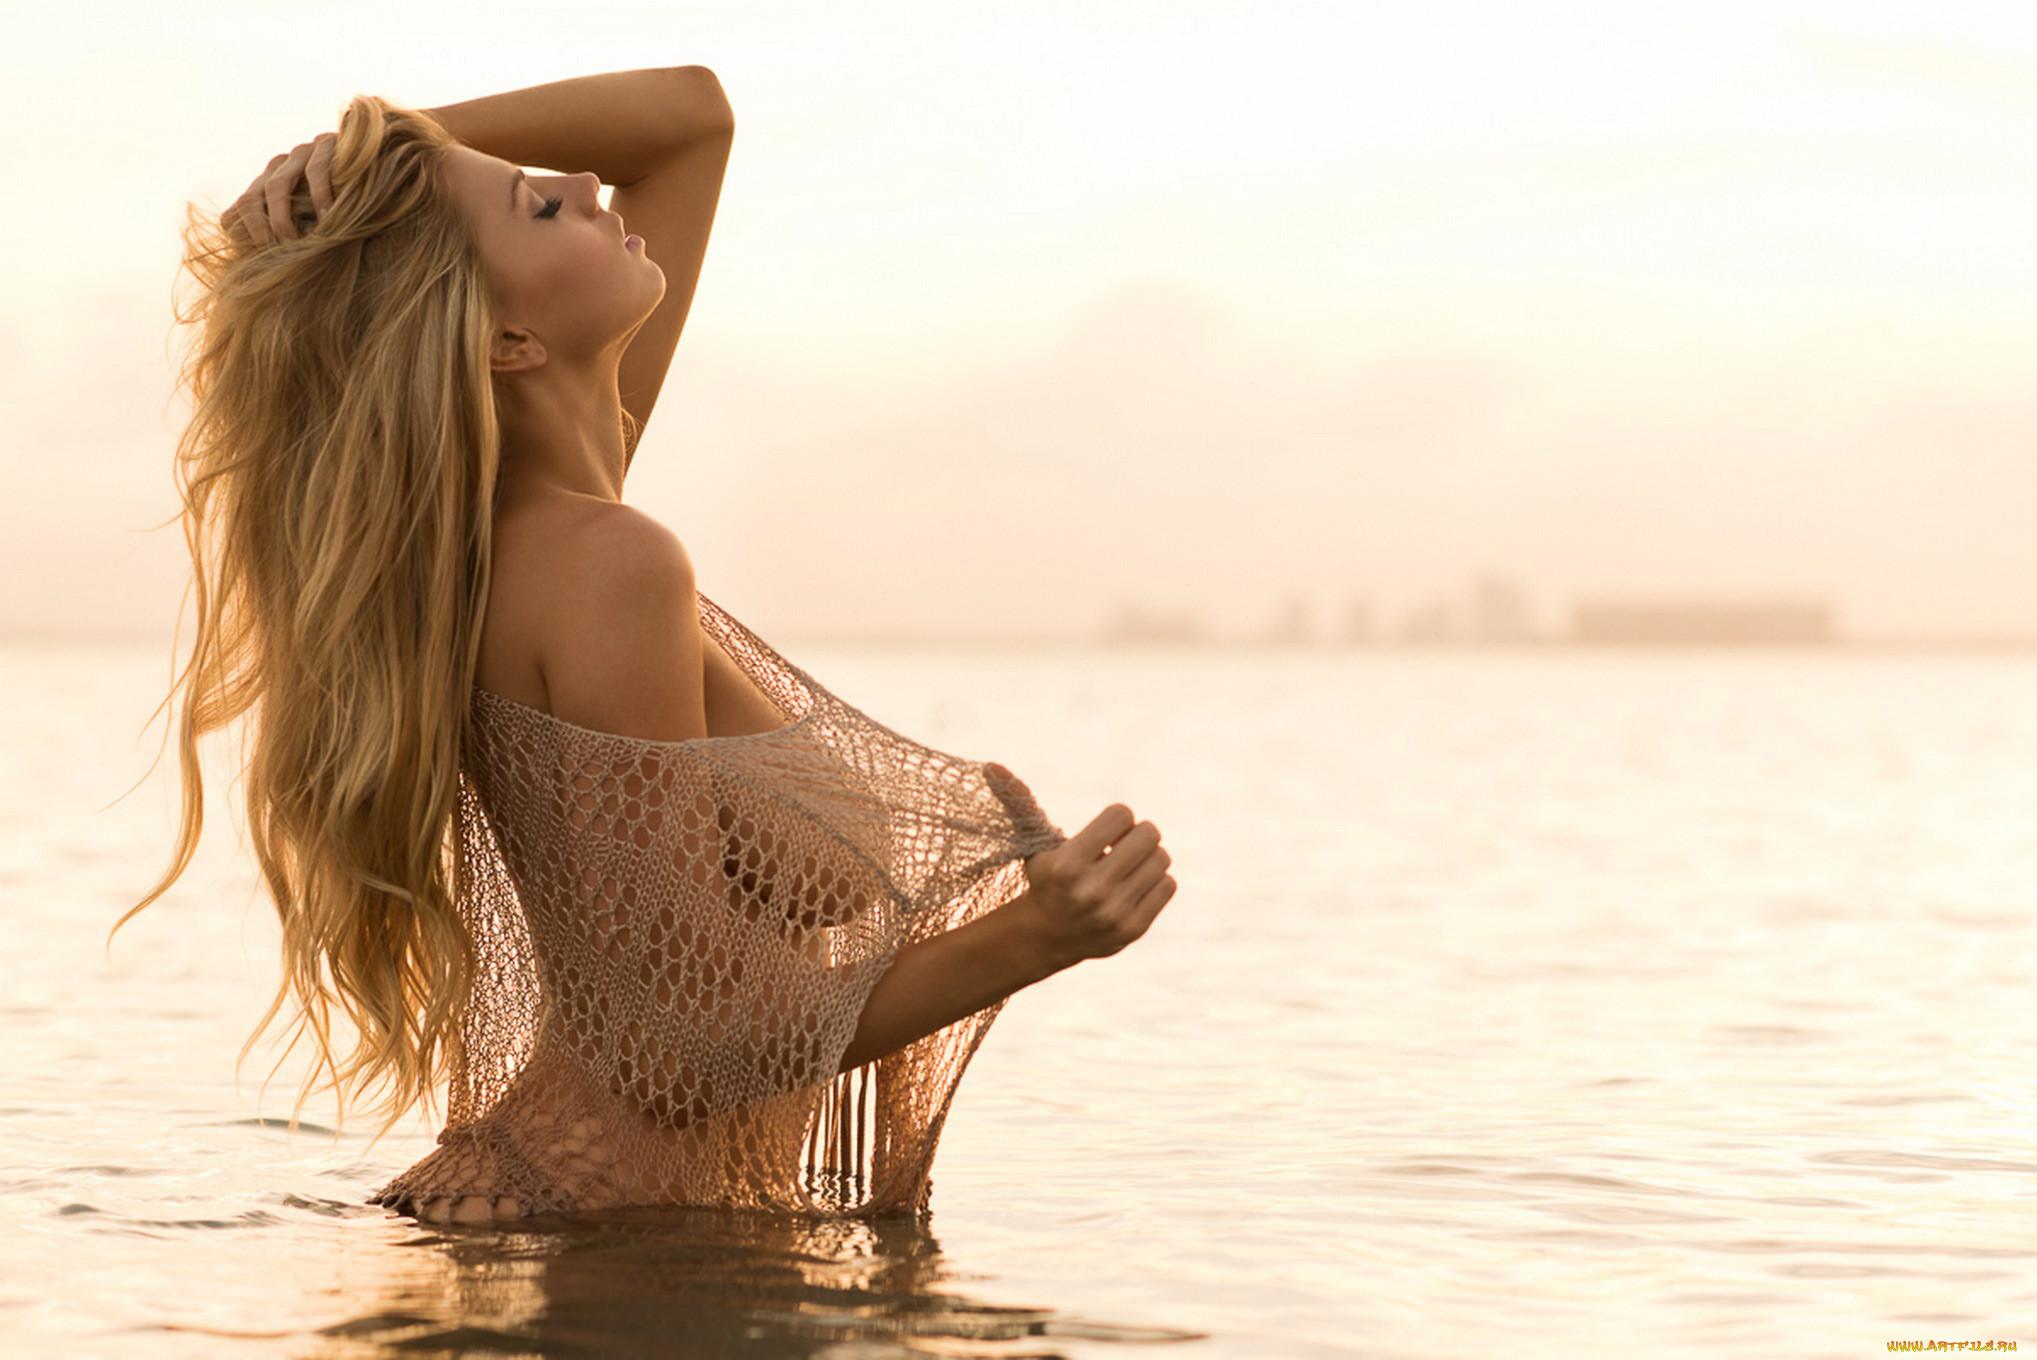 Кобыла с прекрасными титьками томно принимает солнечные ванны на нудистском пляже